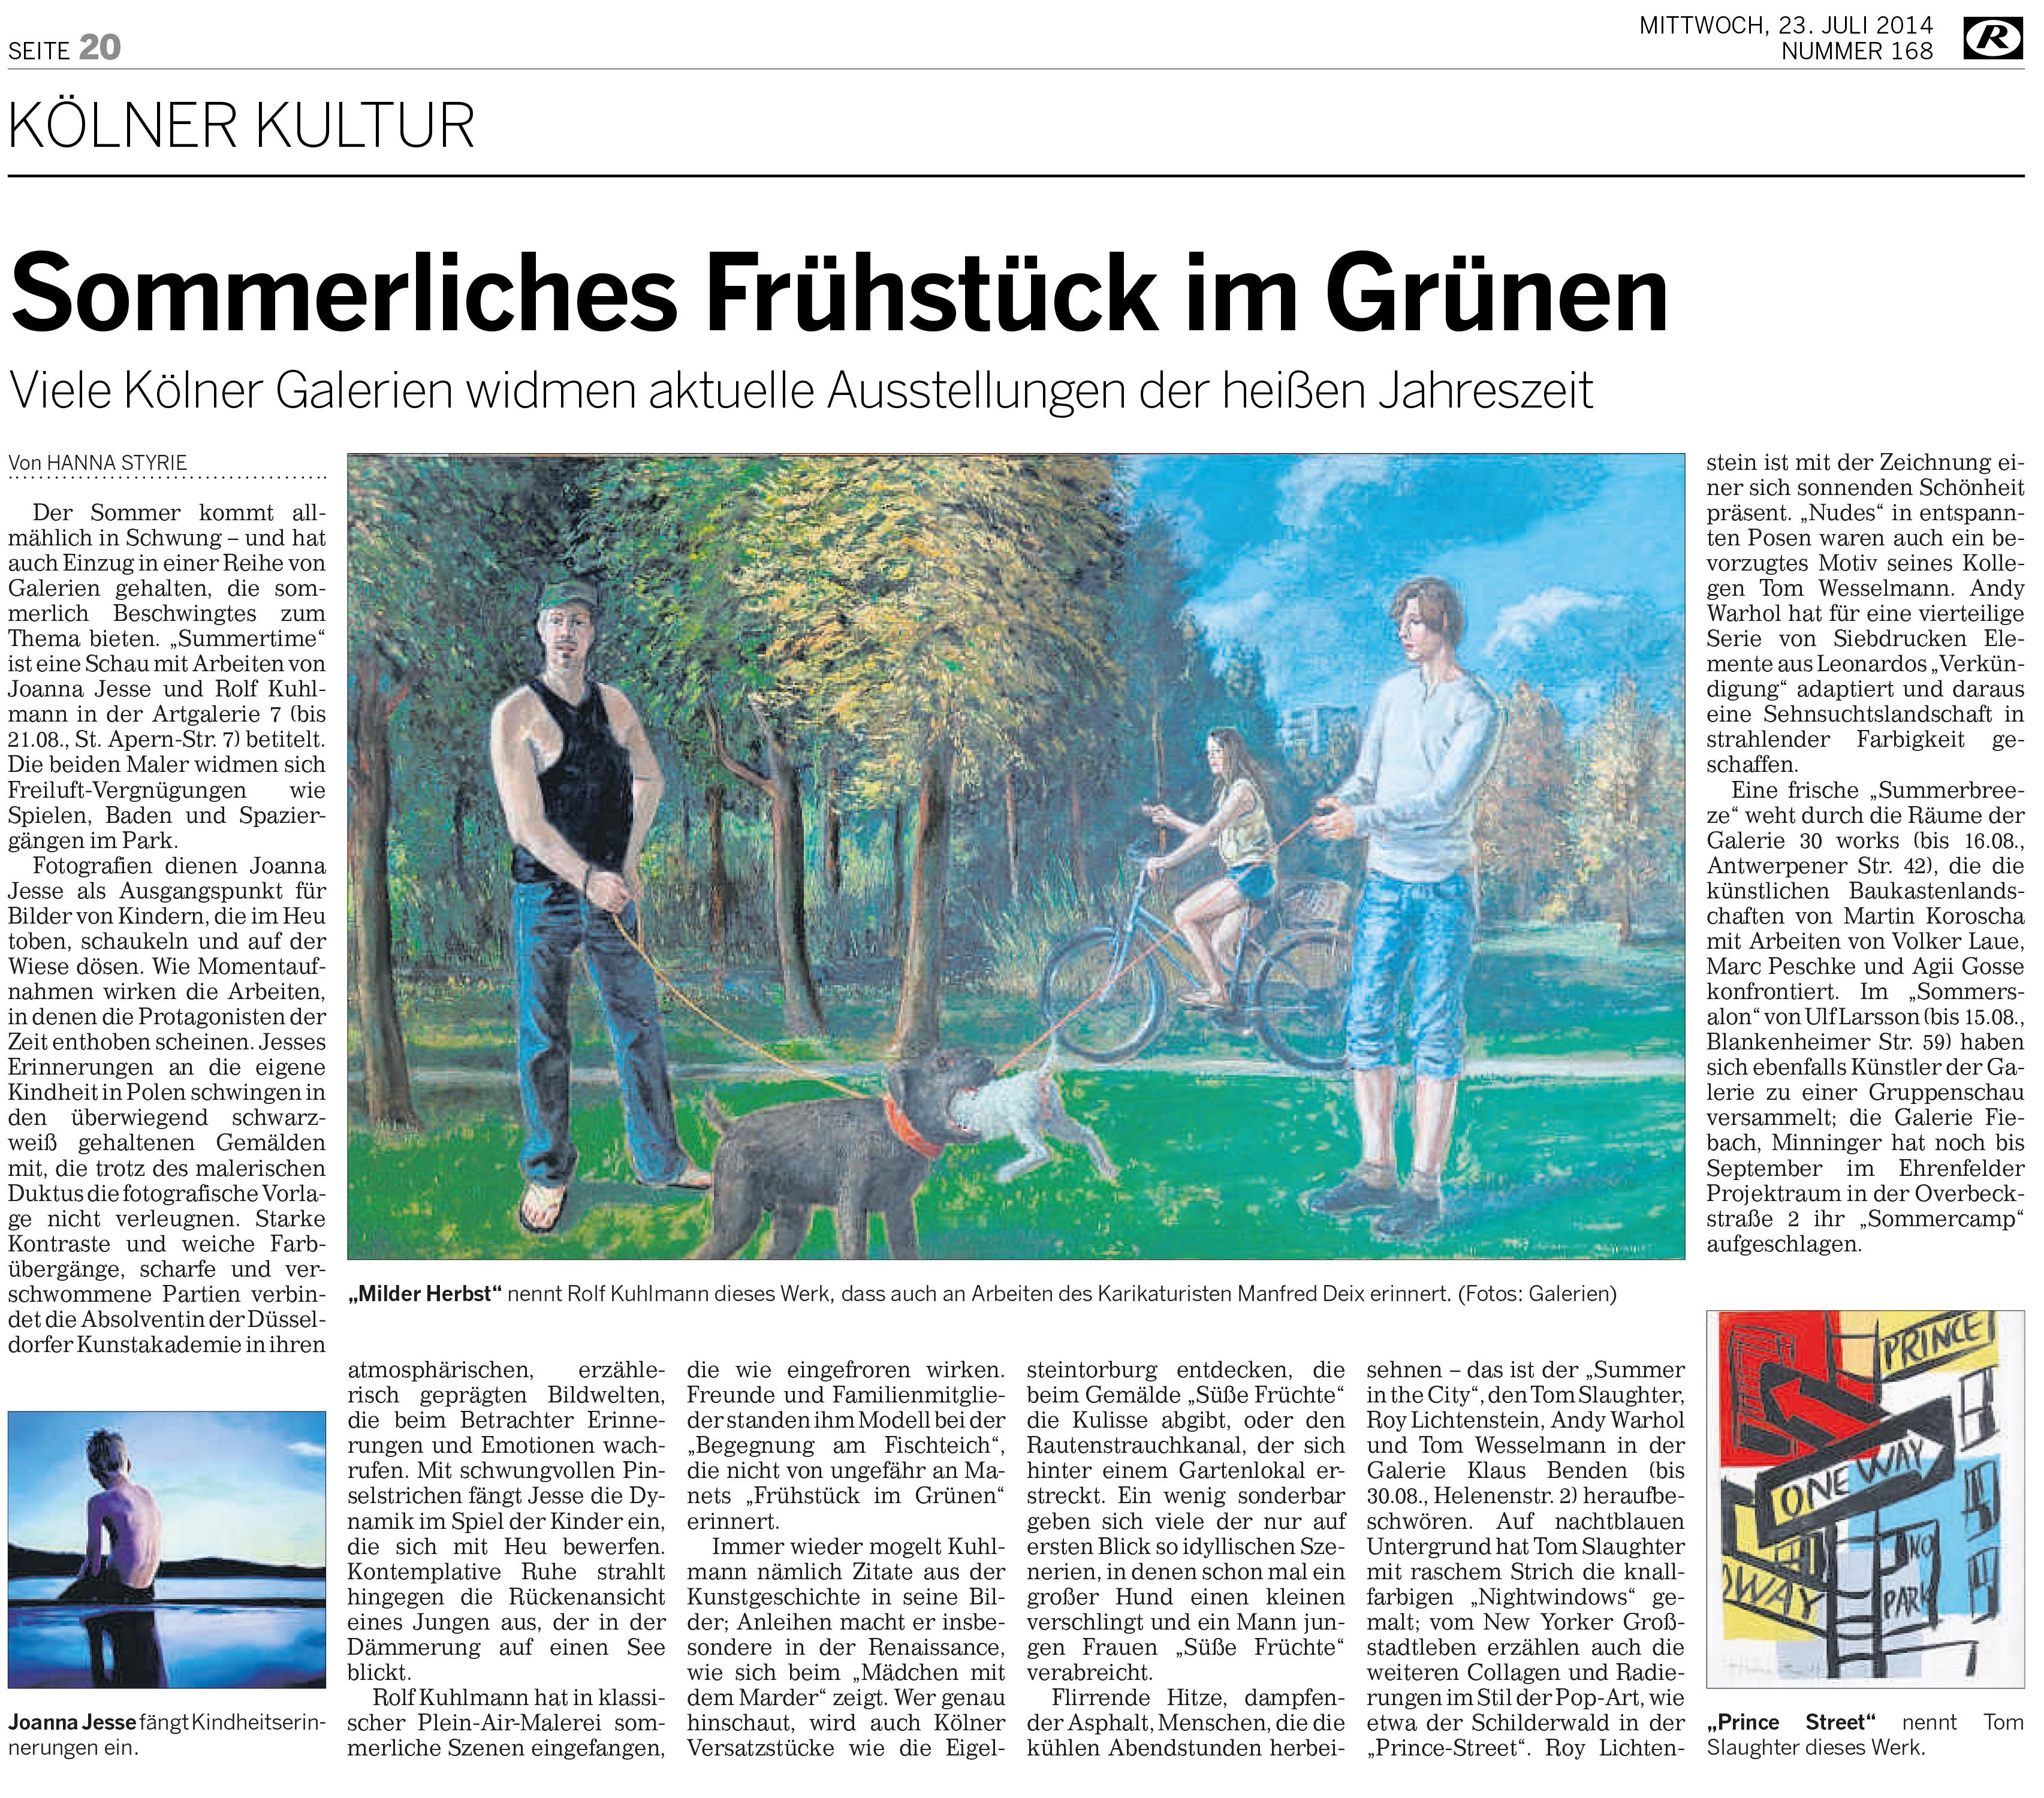 Kölnische Rundschau, Juli 2014